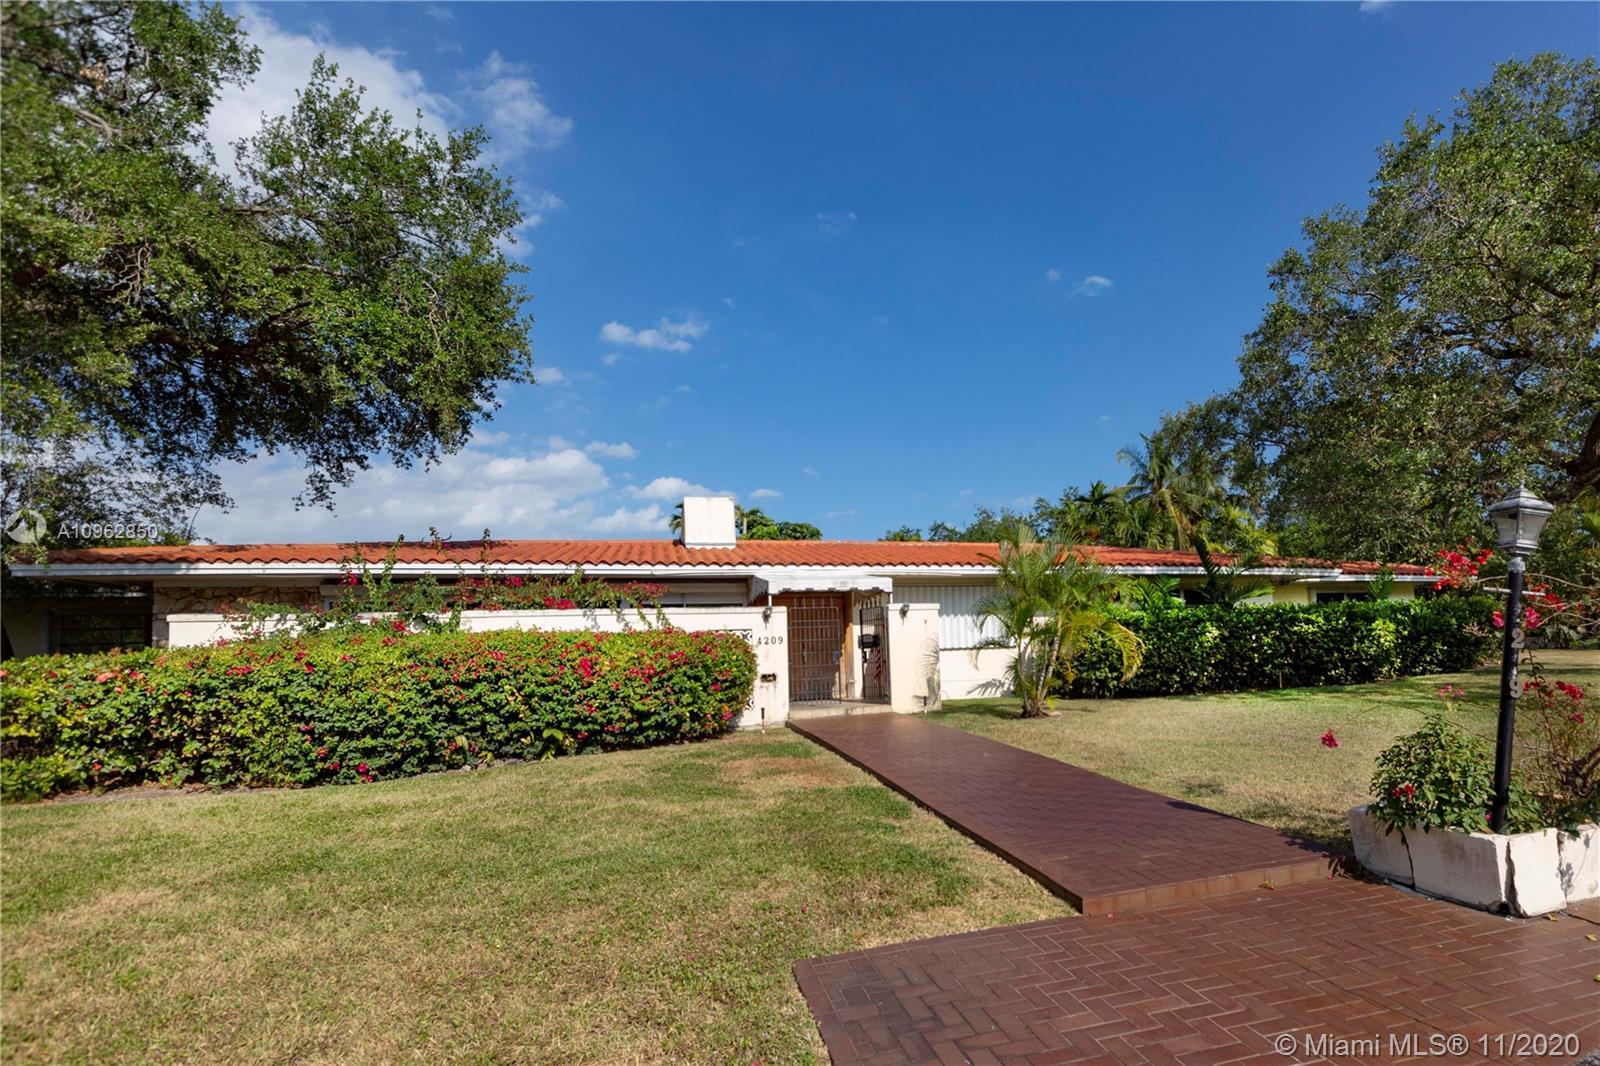 South Miami - 4209 Granada Blvd, Coral Gables, FL 33146